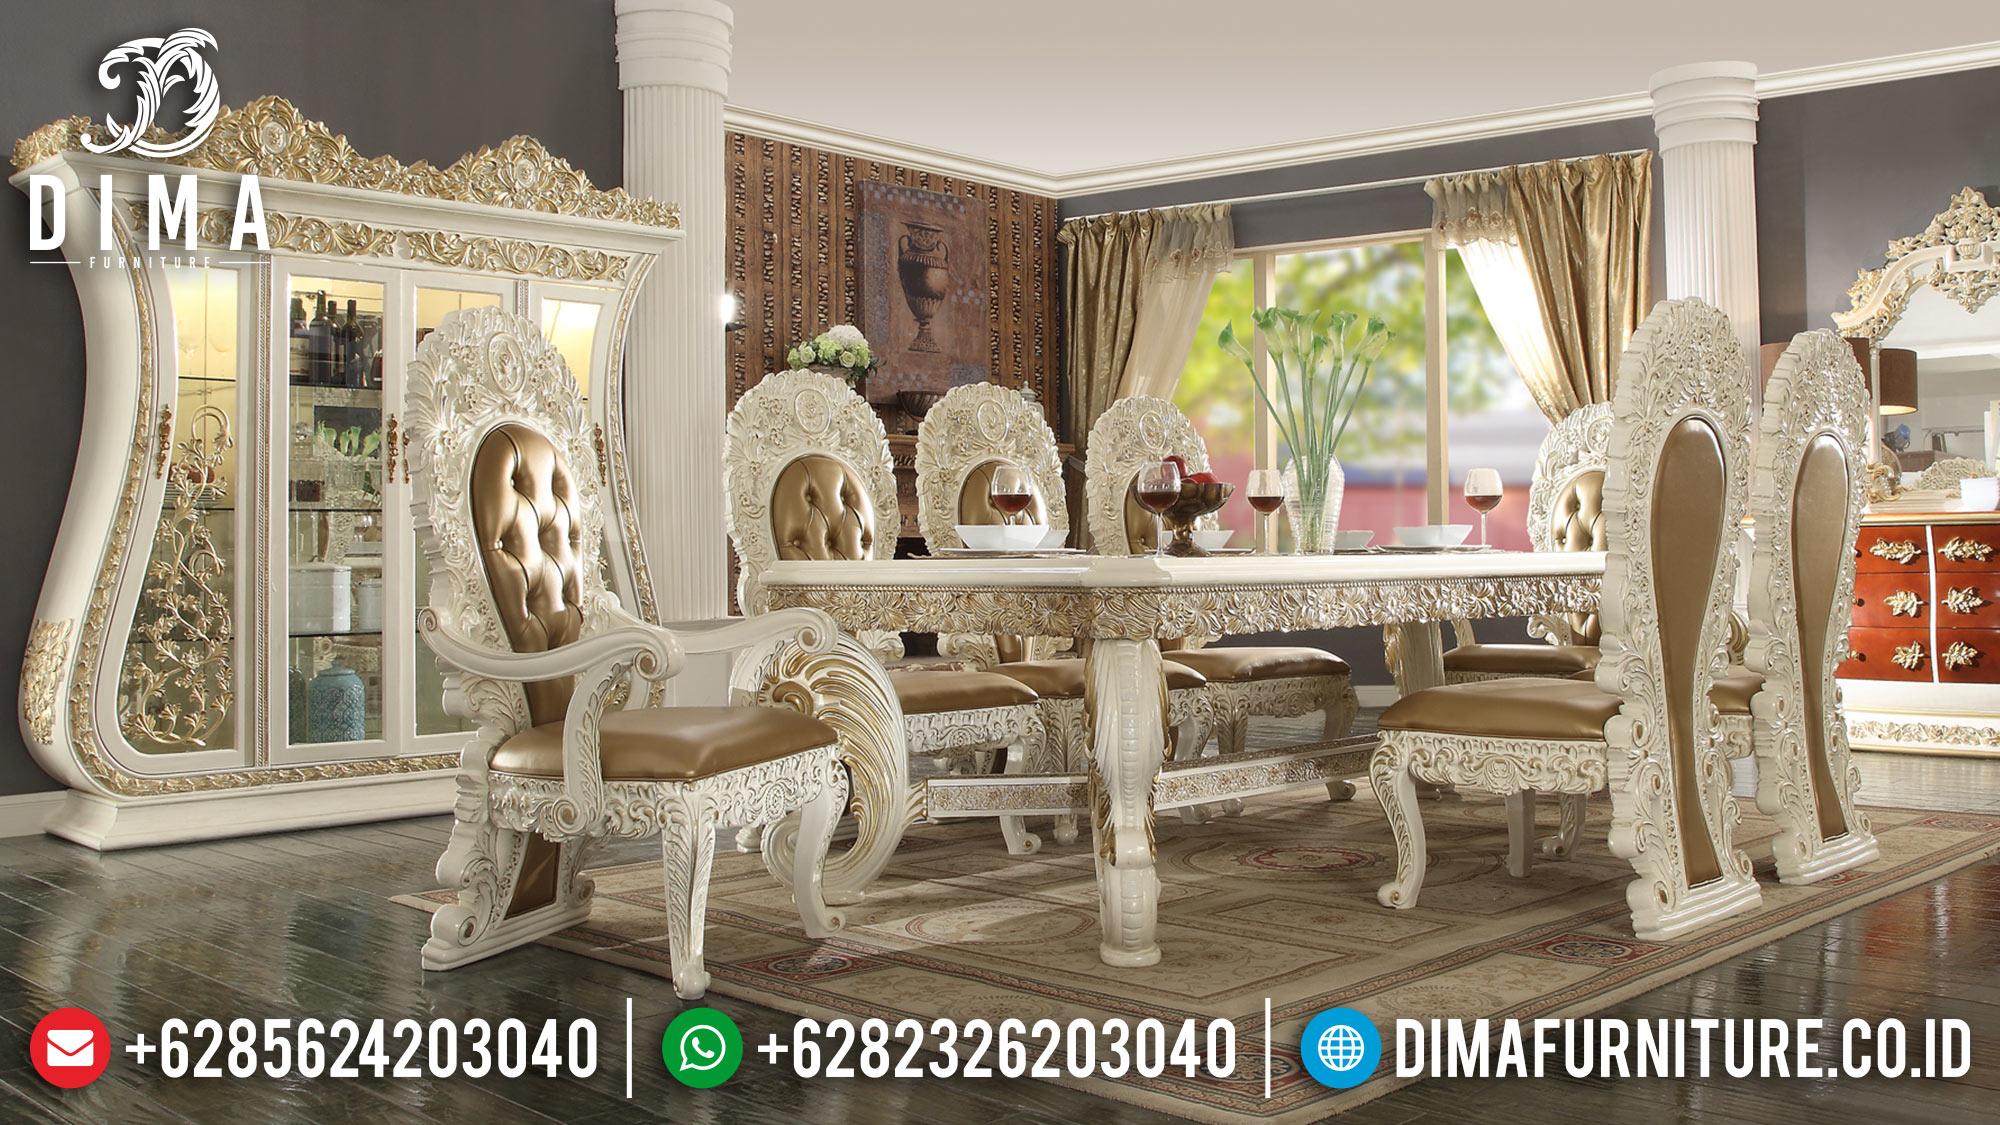 Meja Makan Mewah Jepara Terbaru 2018 18 Dima Furniture Jepara